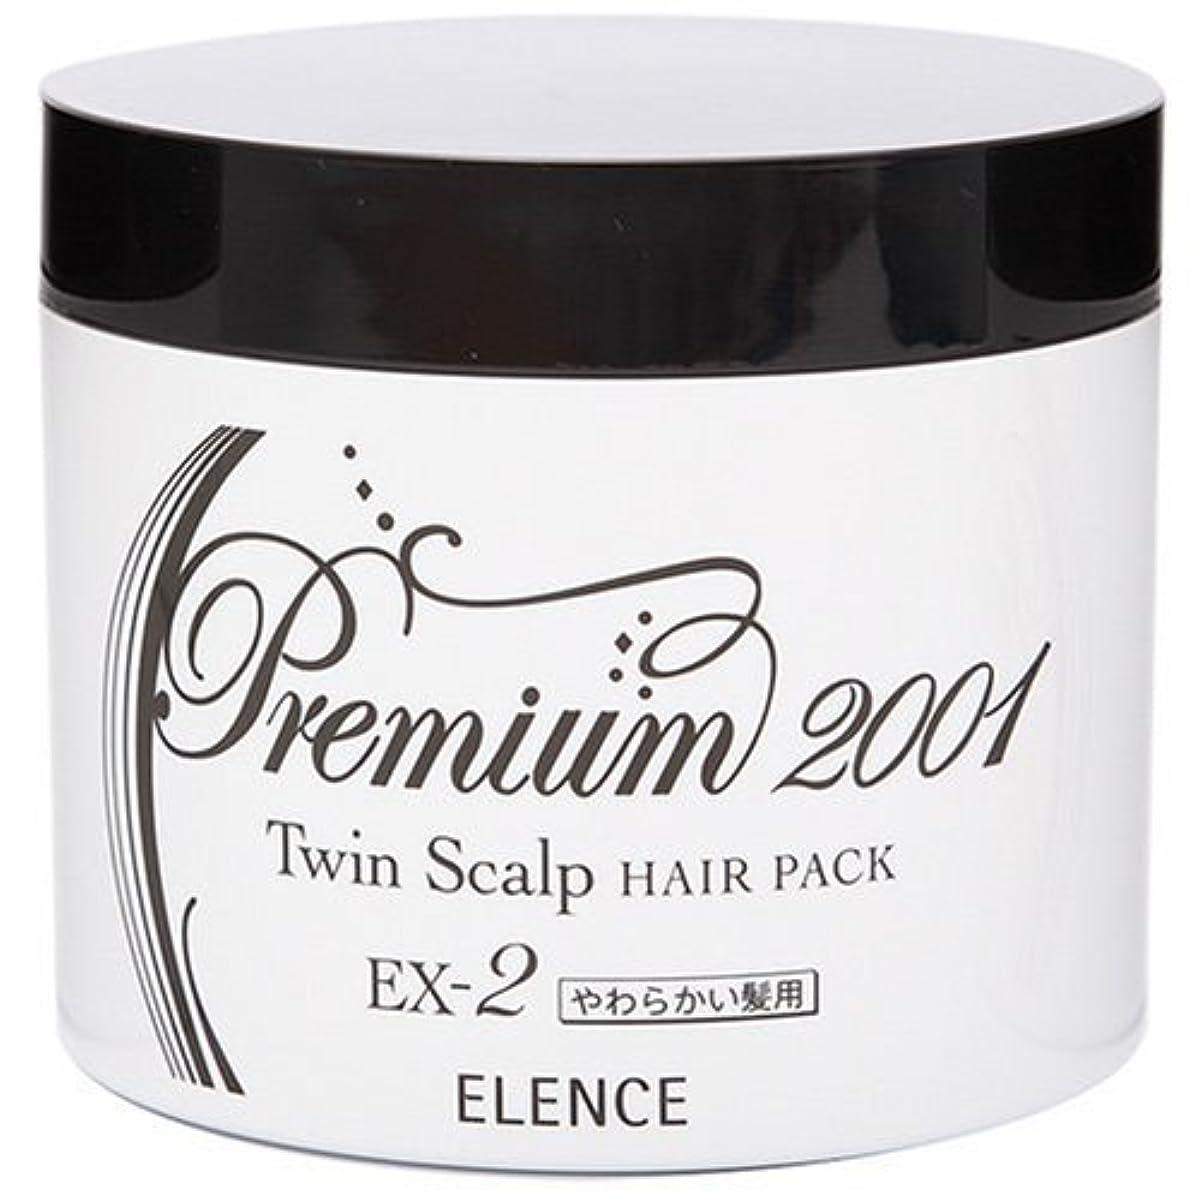 チャンピオンマッシュ住所エレンス2001 ツインスキャルプヘアパックEX-2(やわらかい髪用)